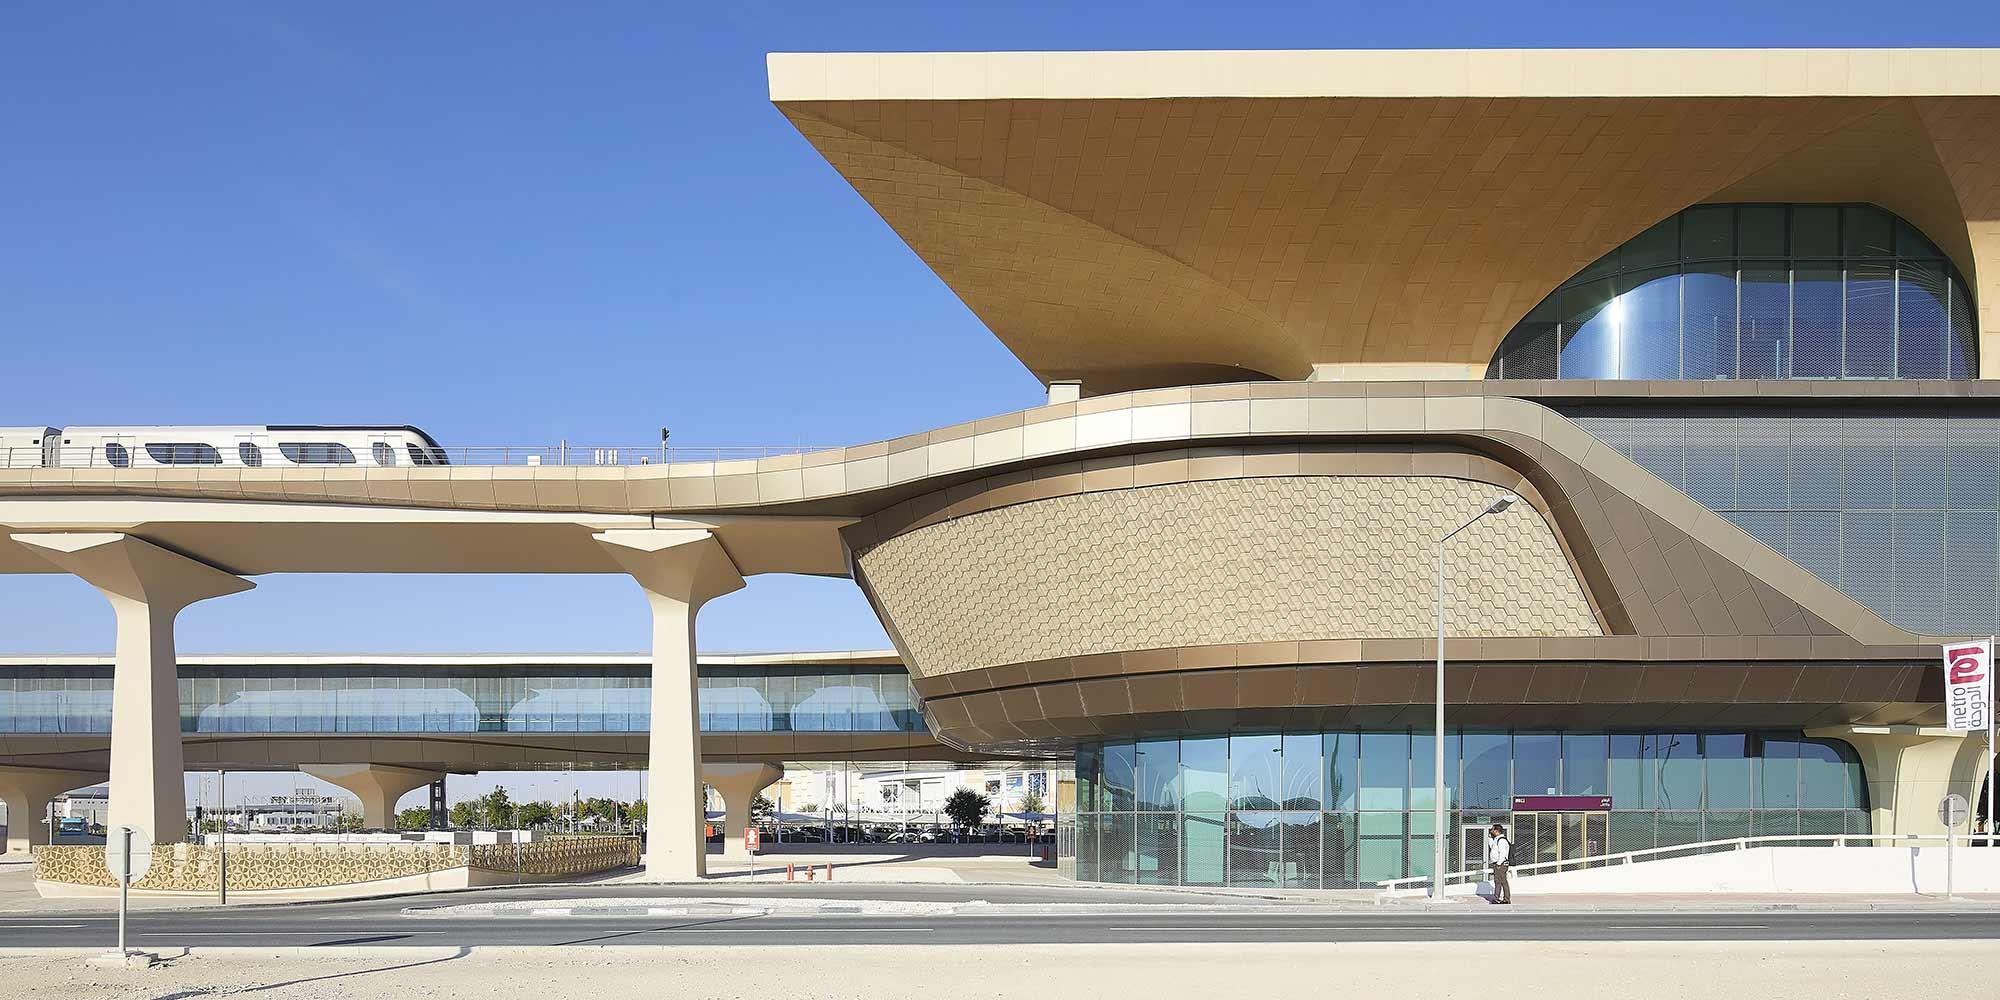 La nuova, futuristica e visionaria metropolitana di Doha